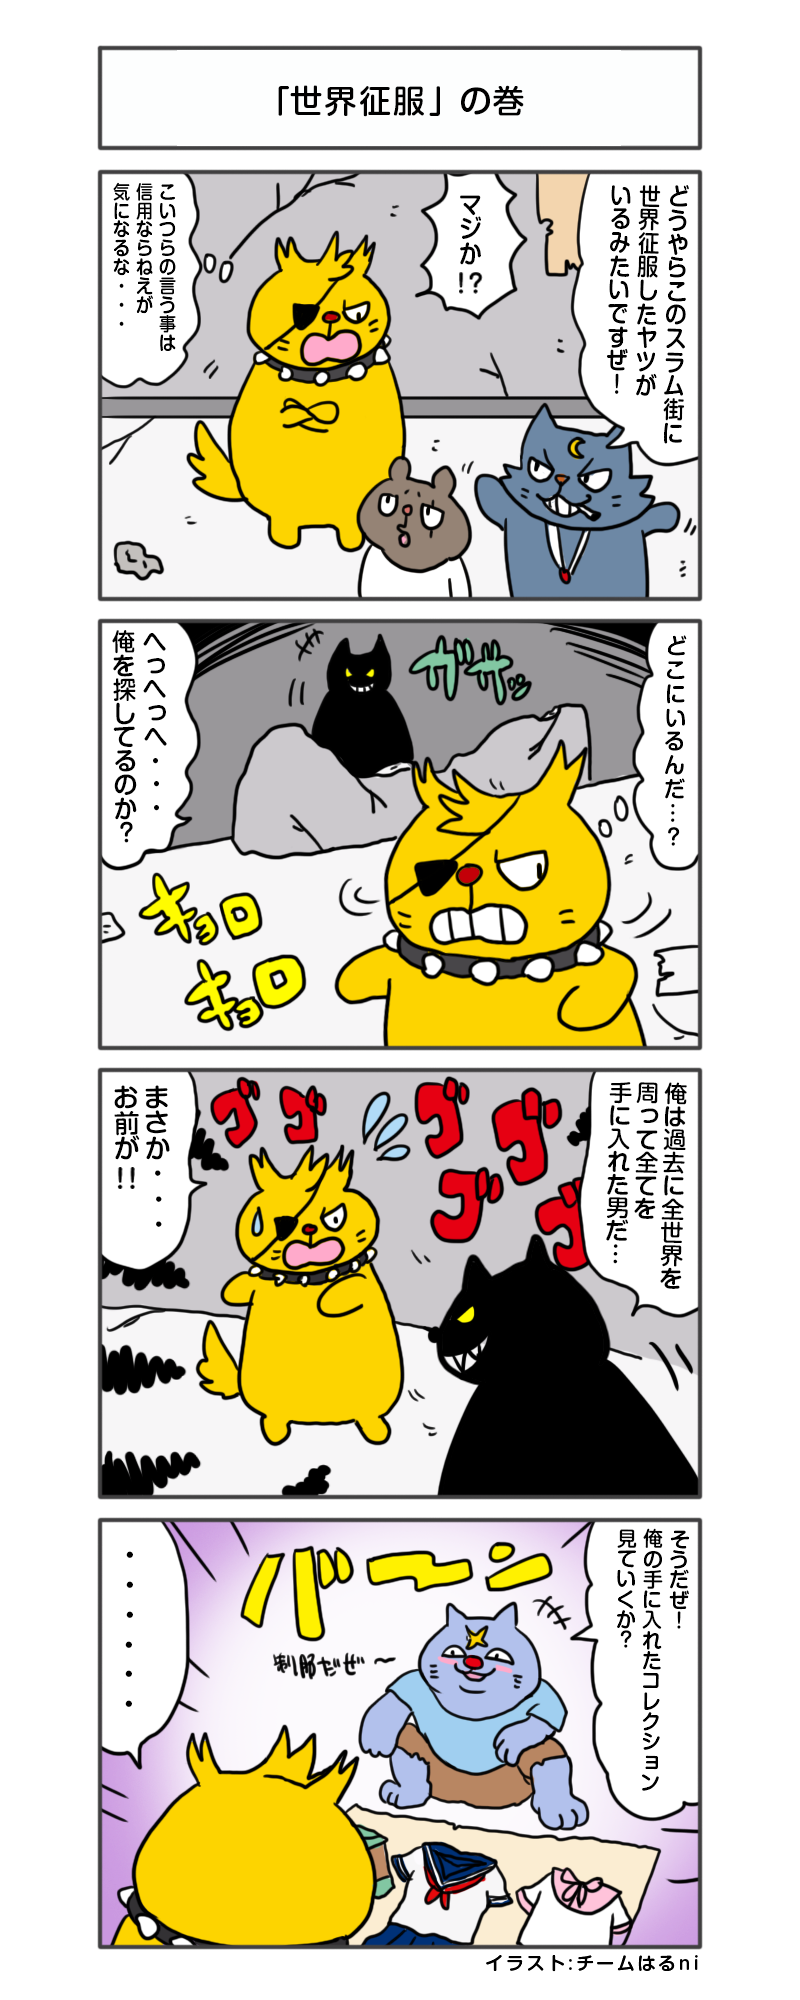 えきぞうmanga_vol.173